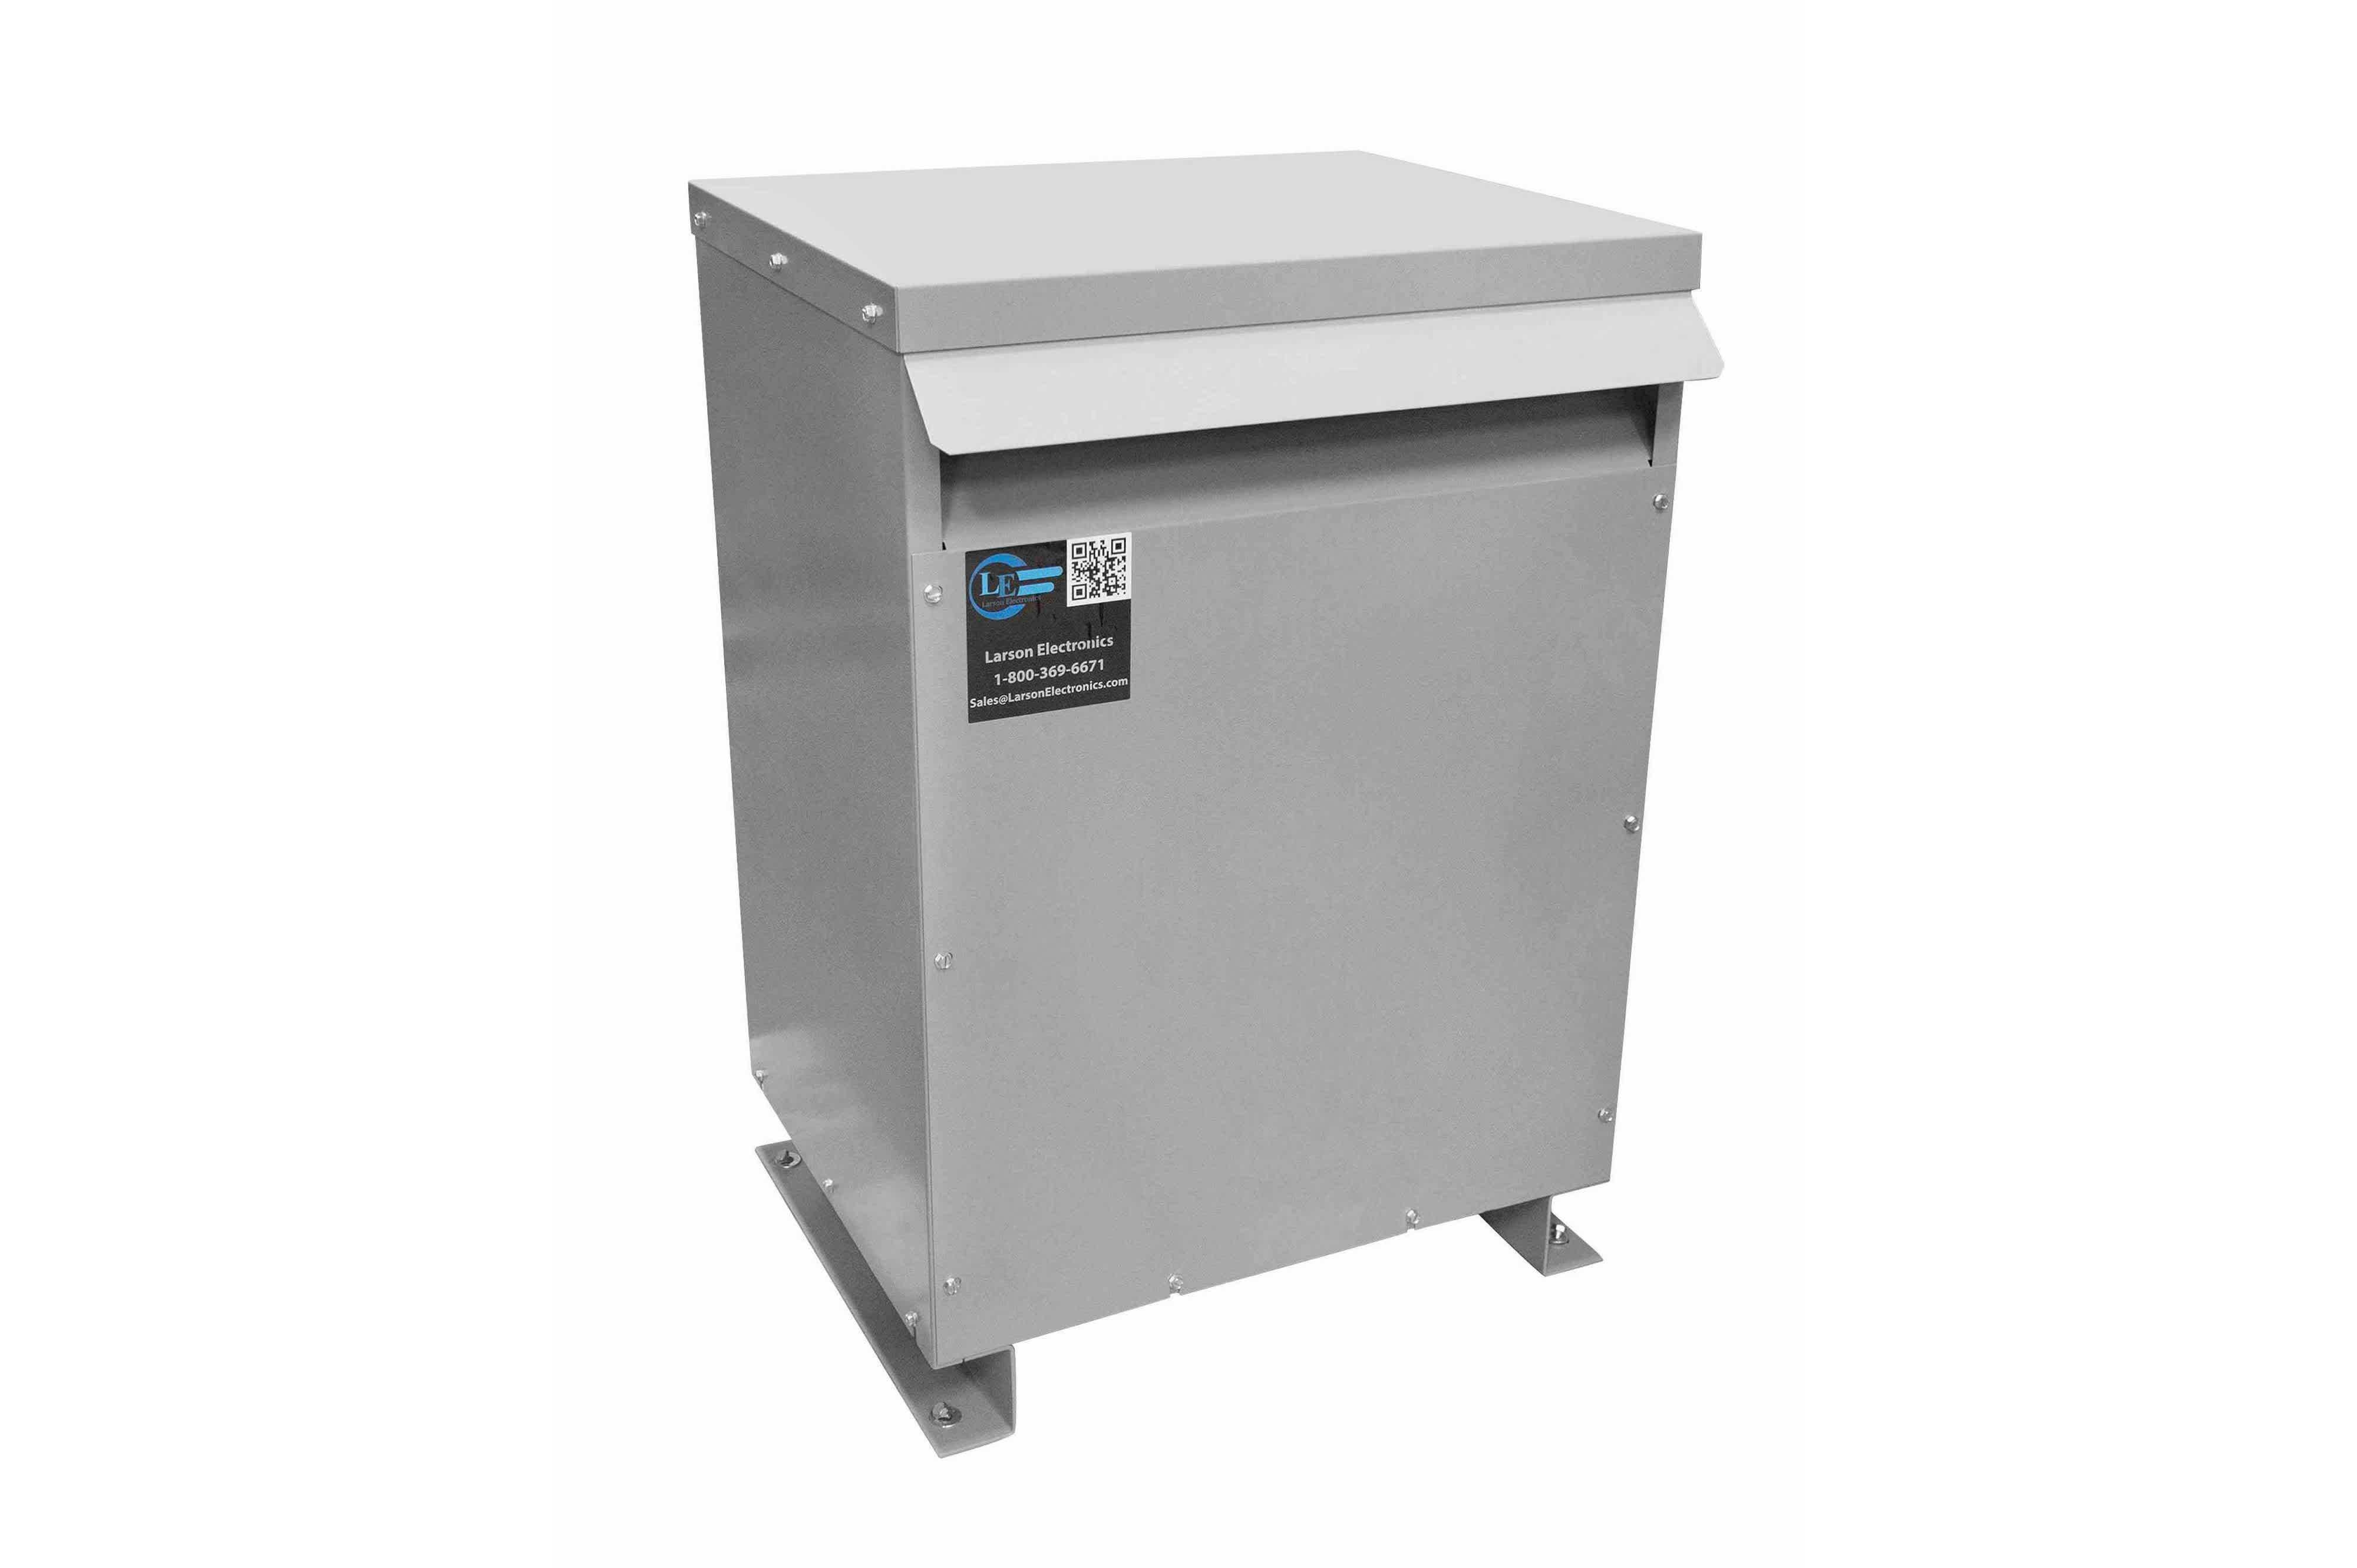 90 kVA 3PH Isolation Transformer, 460V Delta Primary, 400V Delta Secondary, N3R, Ventilated, 60 Hz